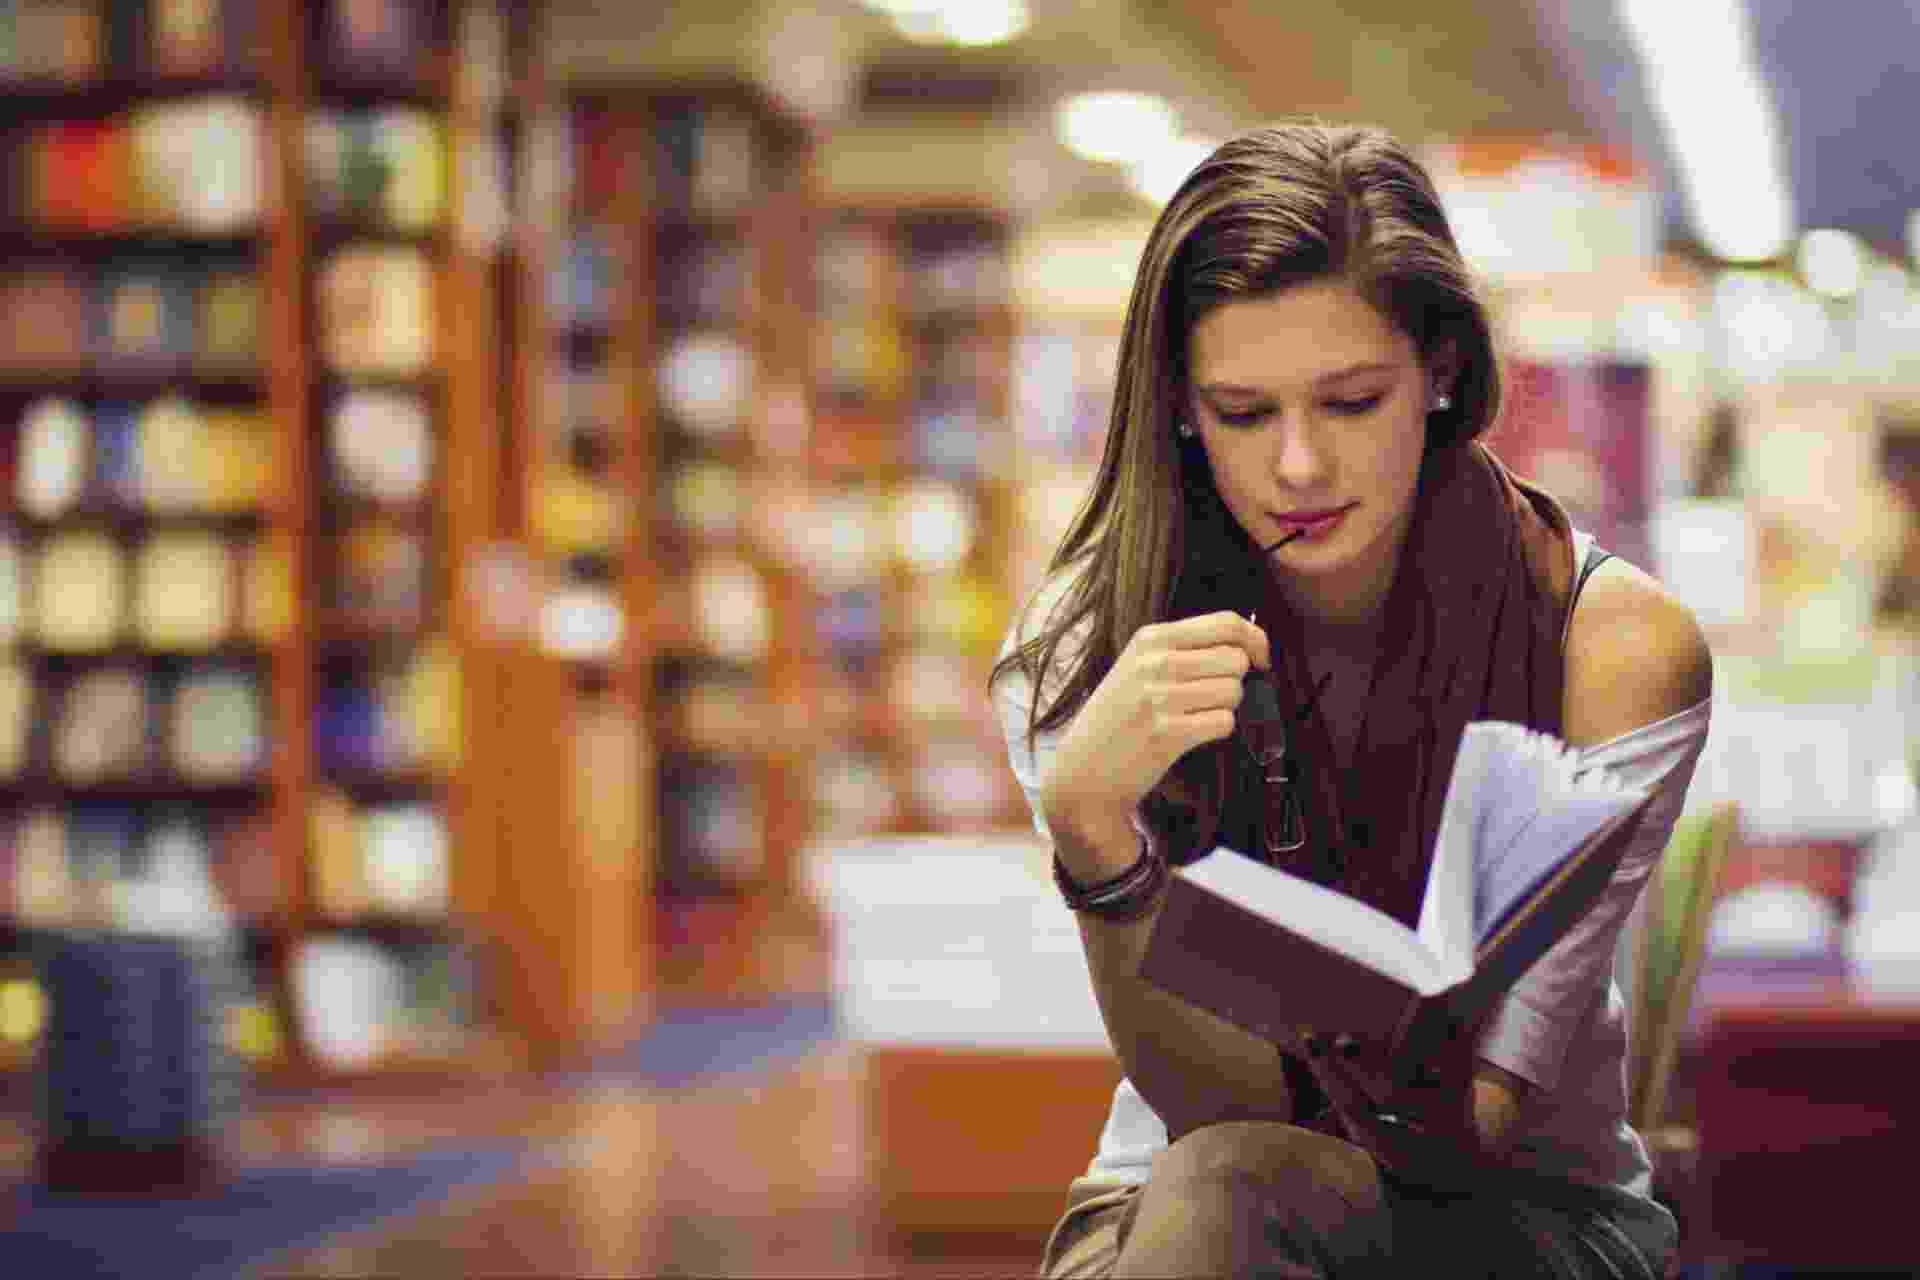 Leitura, biblioteca, livro - Getty Images